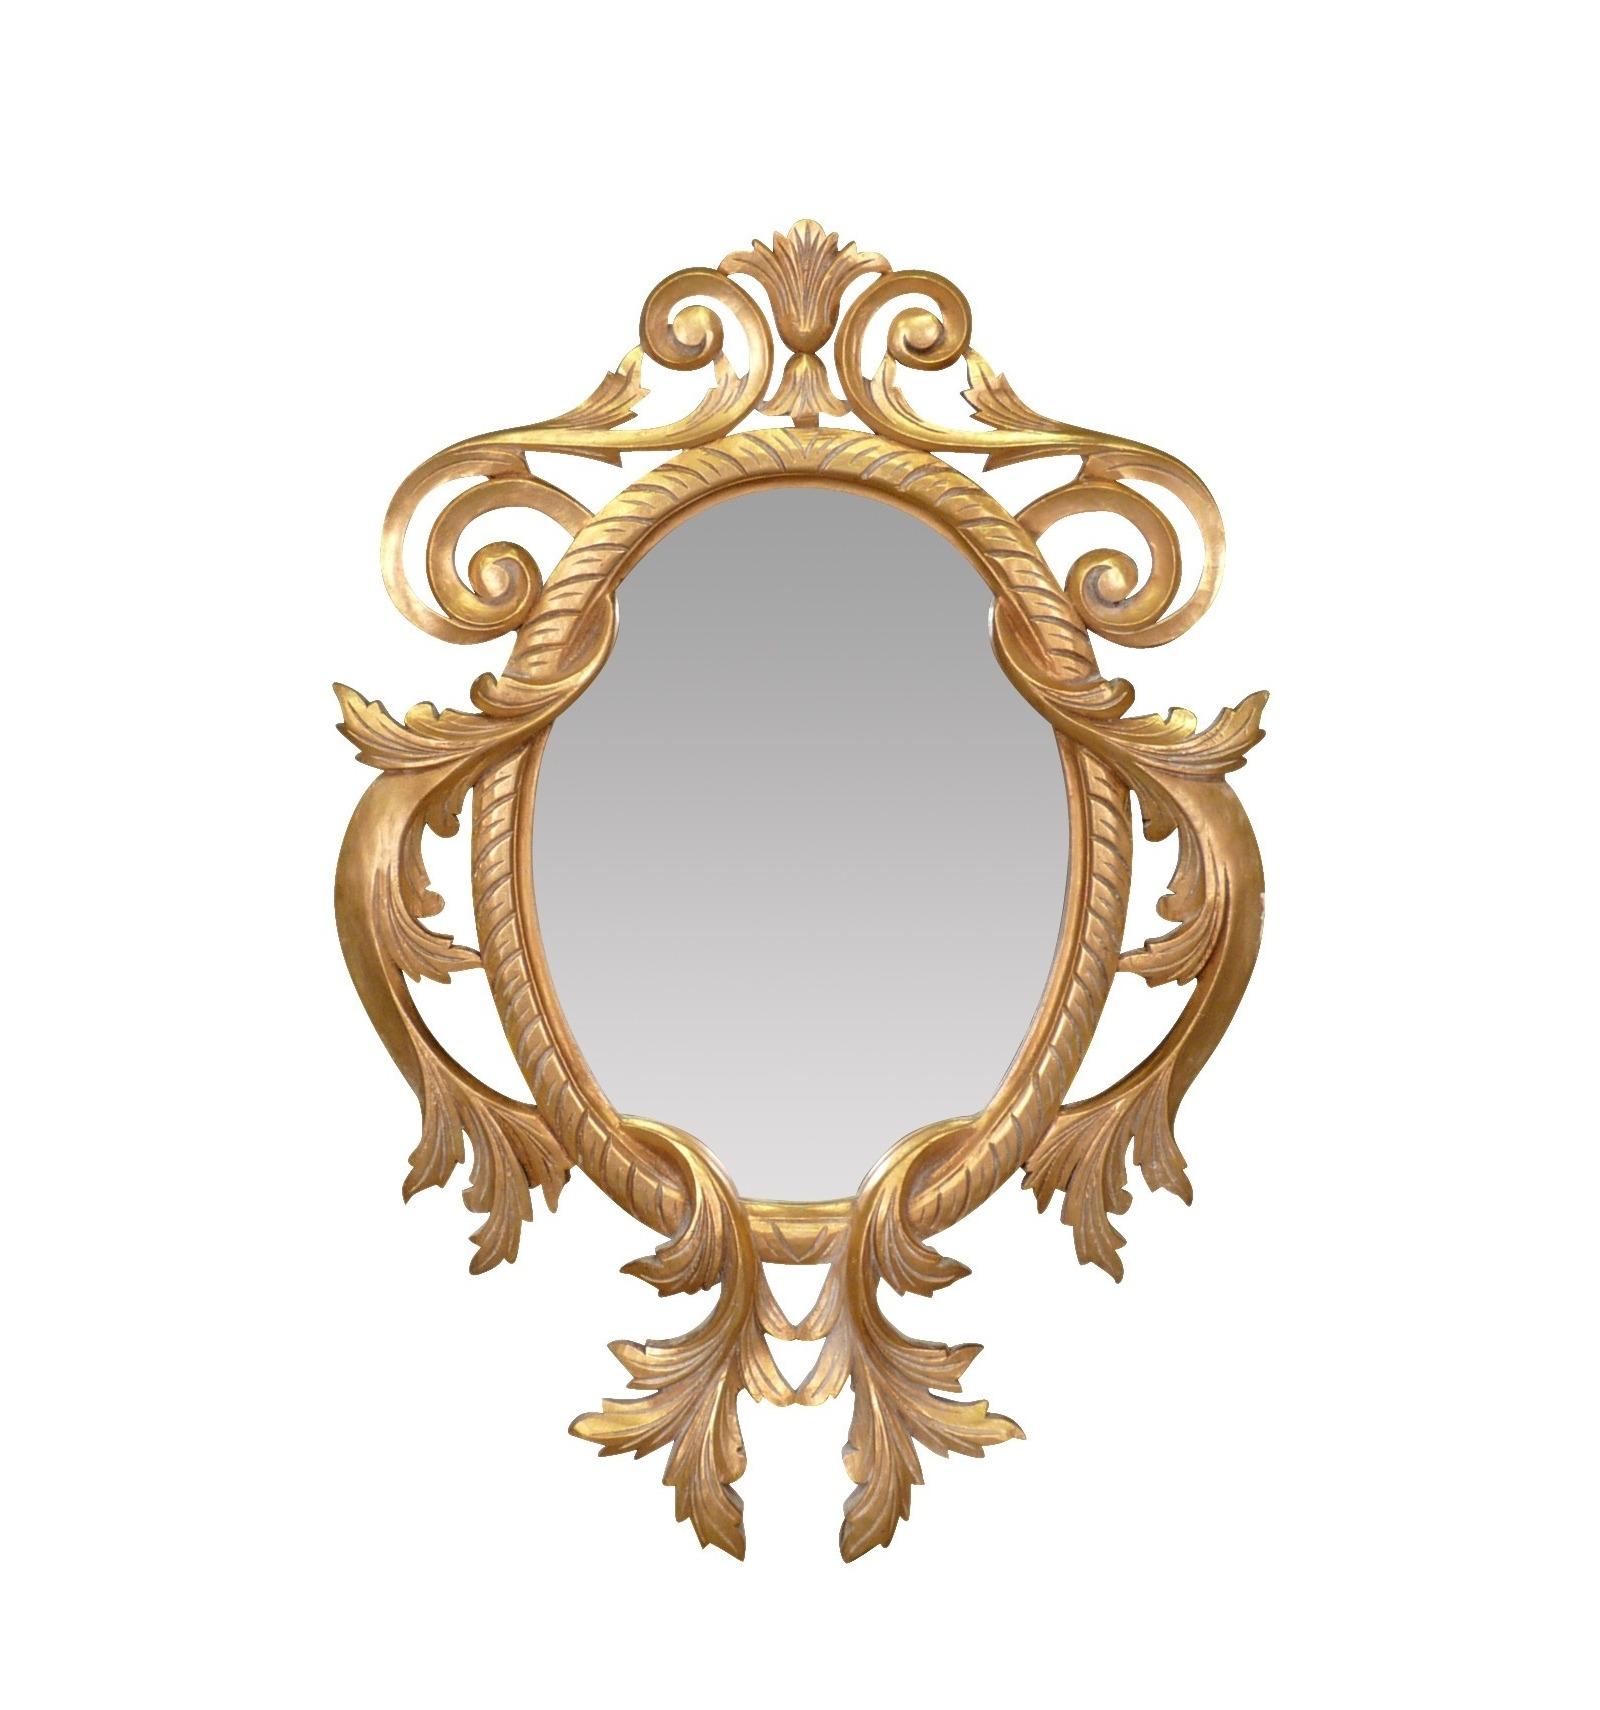 Baroque Mirror Louis Xvi Mirrors Style Furniture